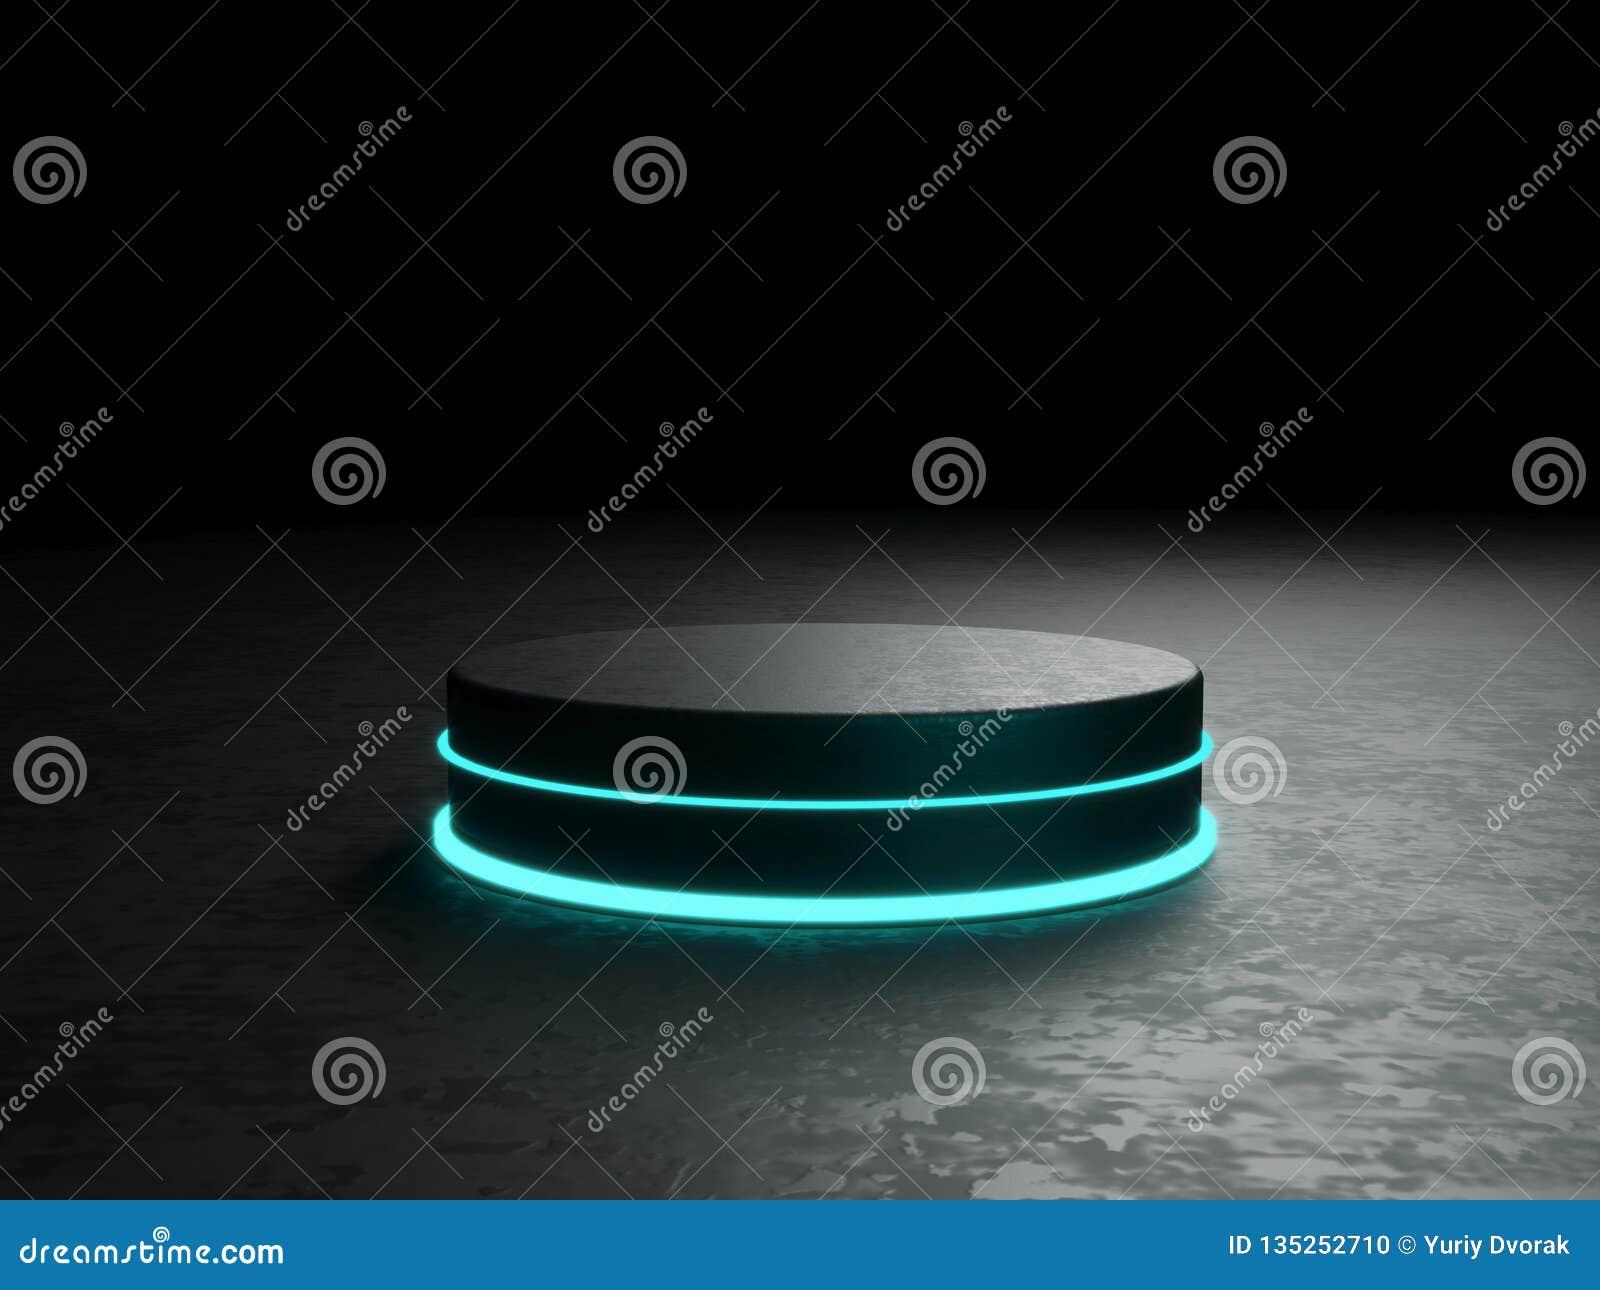 Rund podium, sockel eller plattform, exponerade av ledde strålkastare illustration Ljus lightpodium annonsering av stället